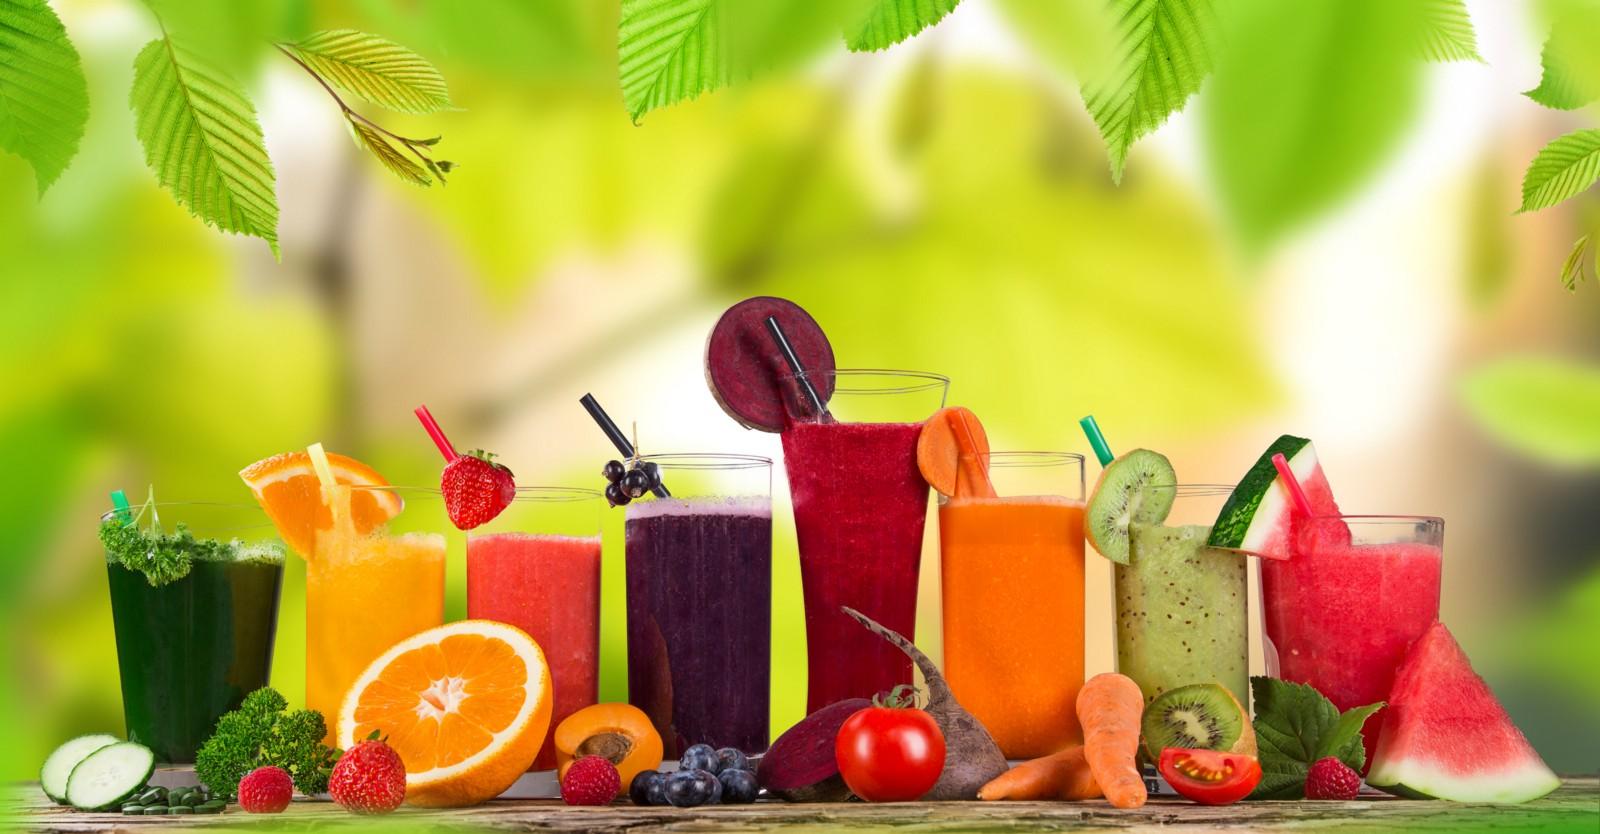 نوشیدنیهای طبیعی که از مُسکن قویتر عمل میکنند